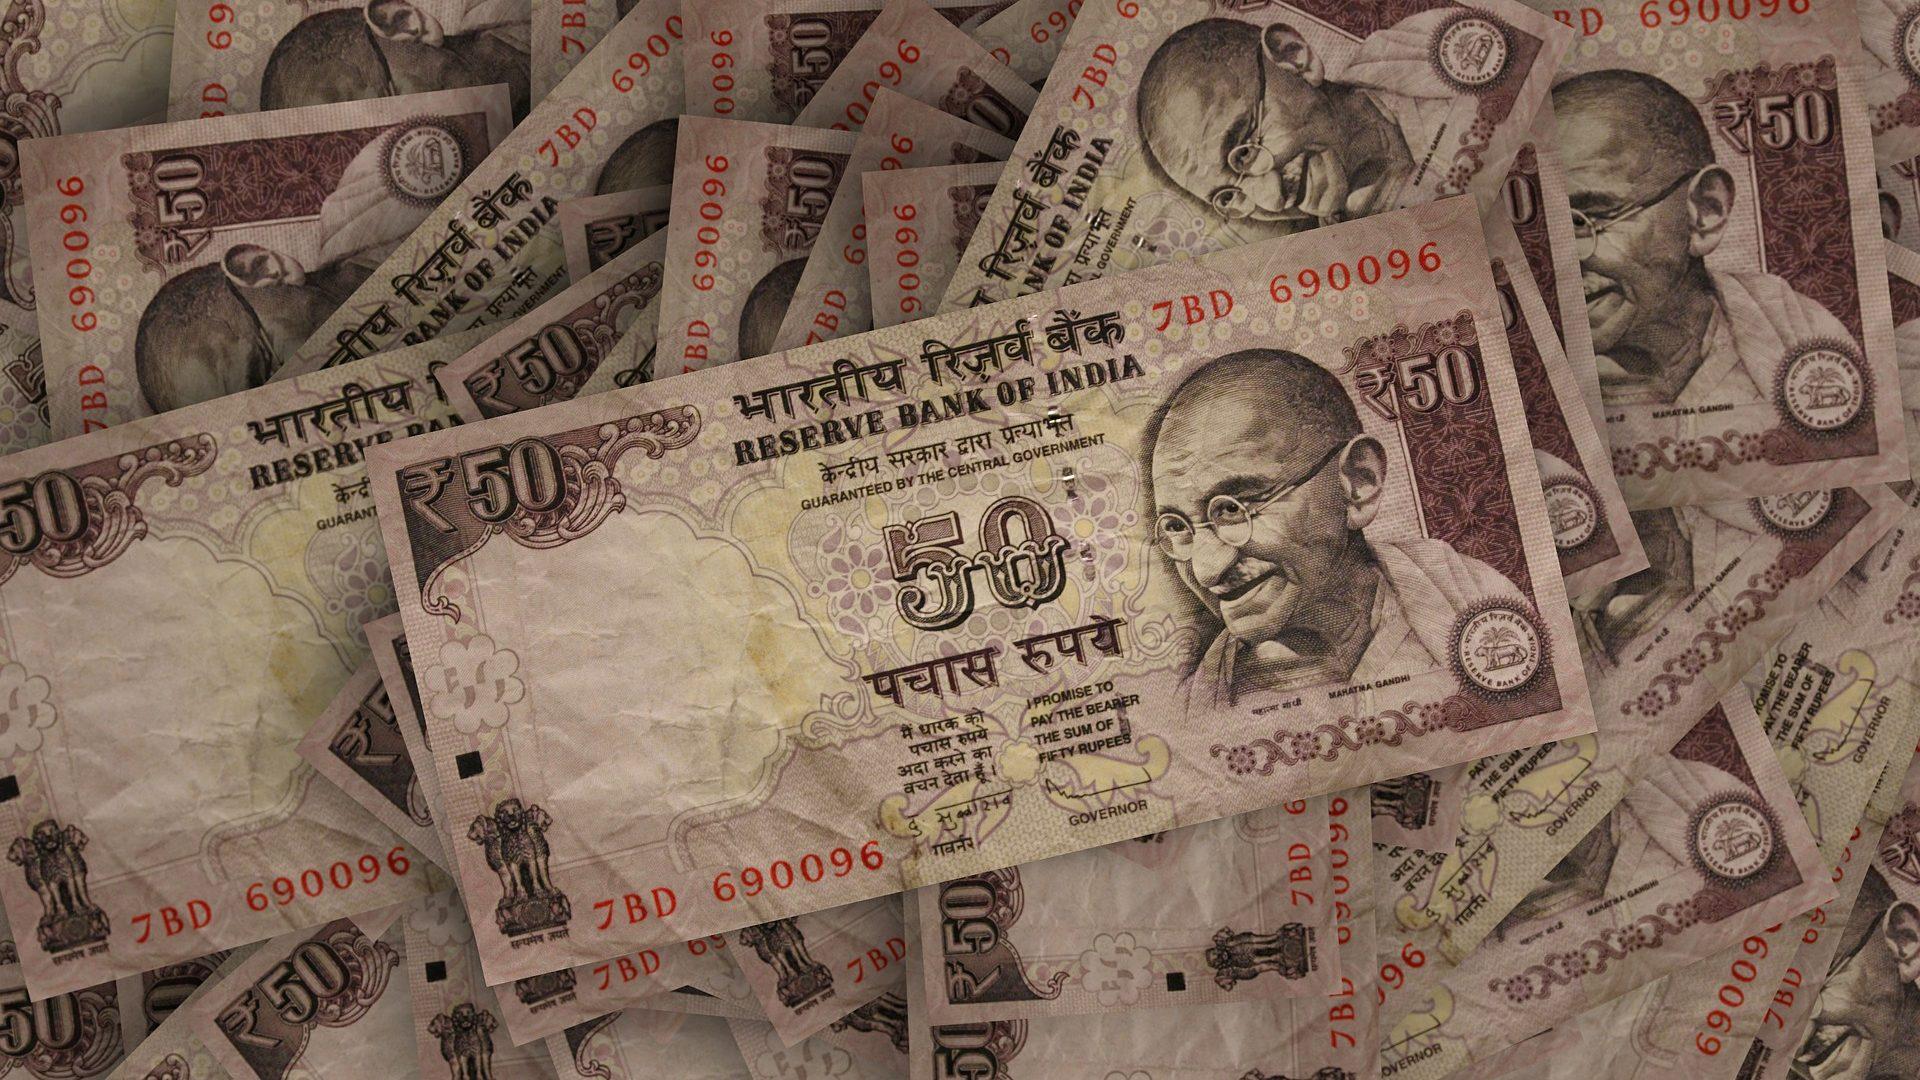 ארגון מסחר הודי דורש ביטוח אובדן רווחים ואובדן הכנסה ללא נזק פיזי